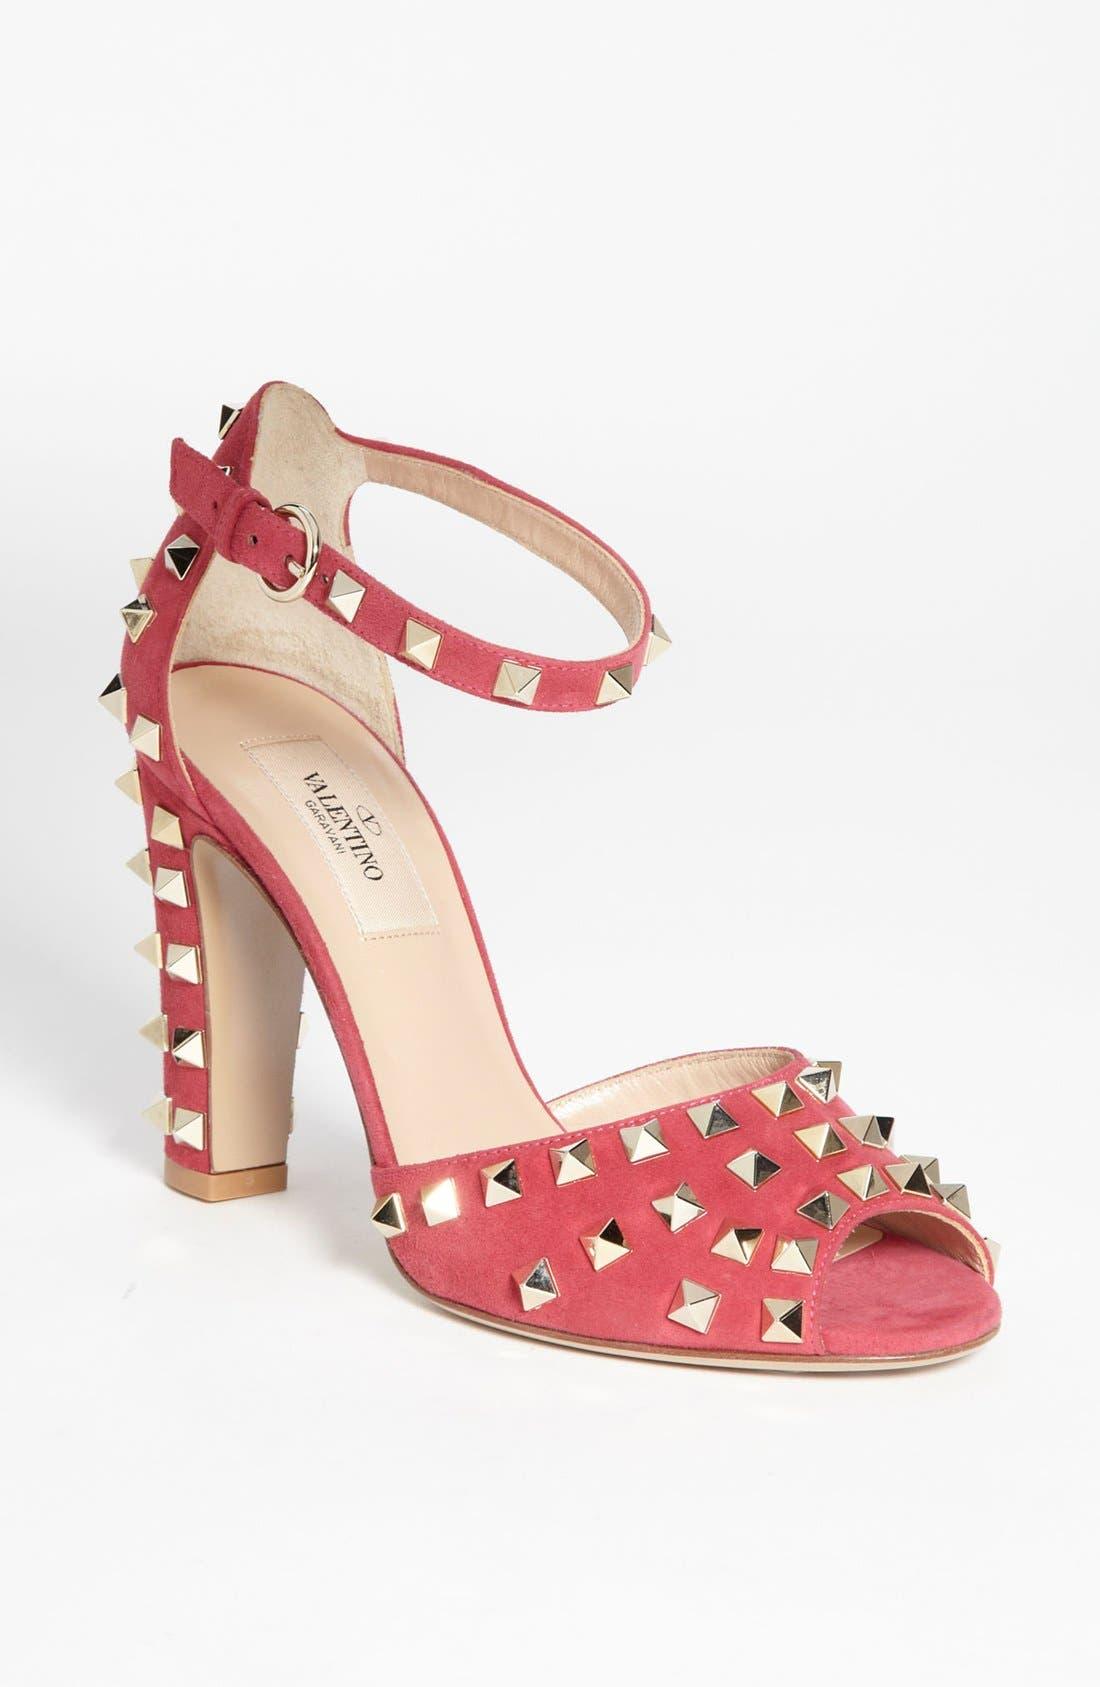 Alternate Image 1 Selected - Valentino 'Rockstud' Sandal